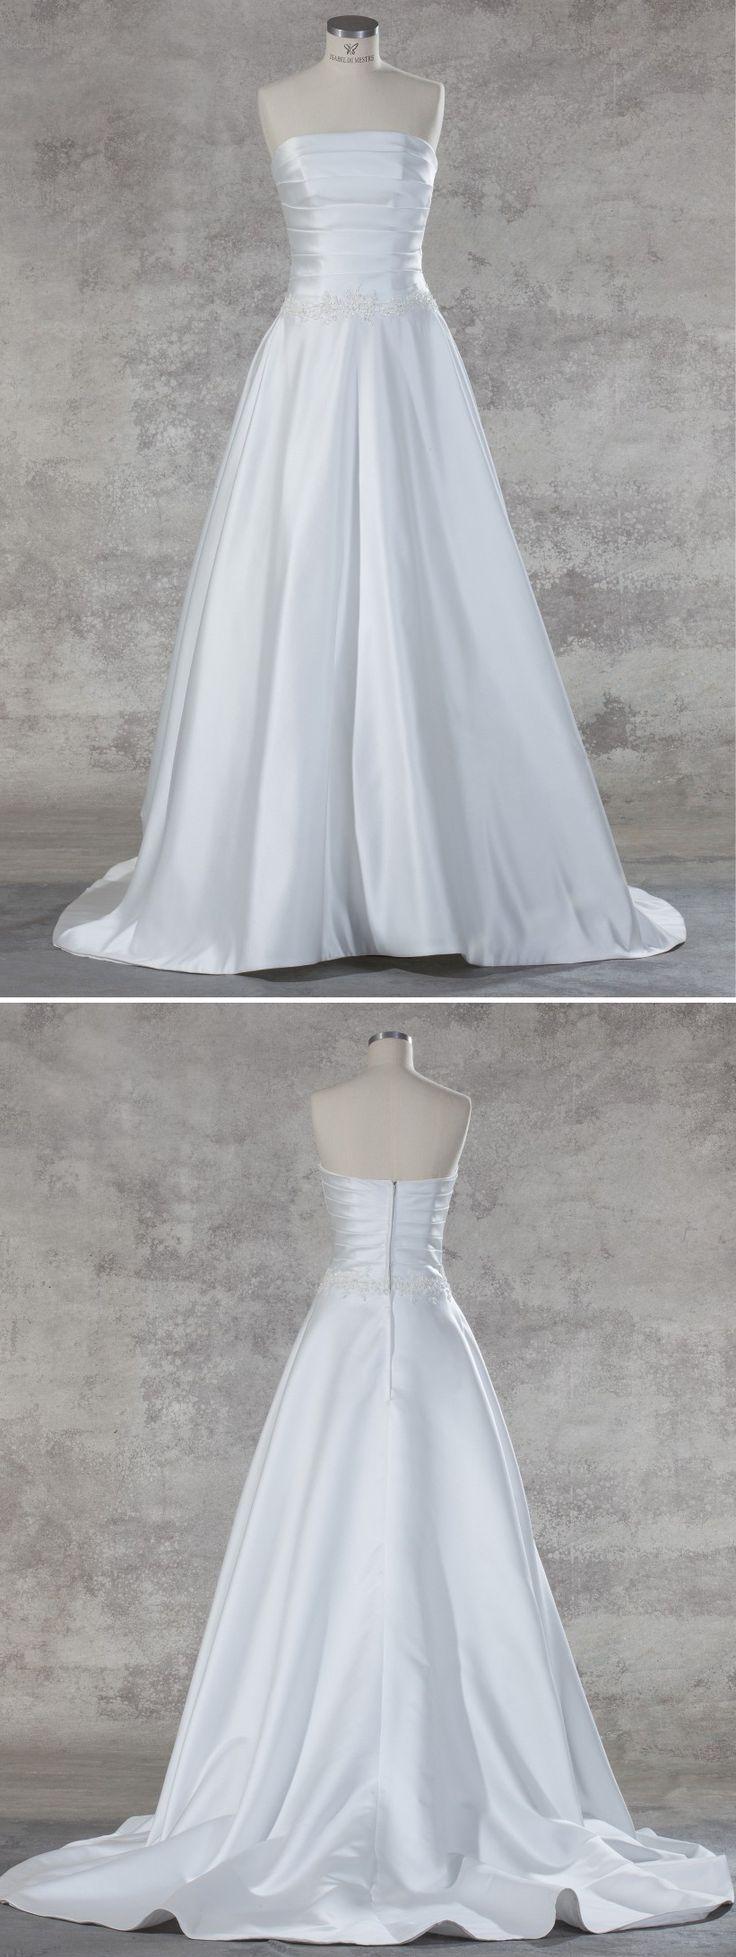 33 besten Brautstrauß Bilder auf Pinterest   Heiraten, Blumenschmuck ...